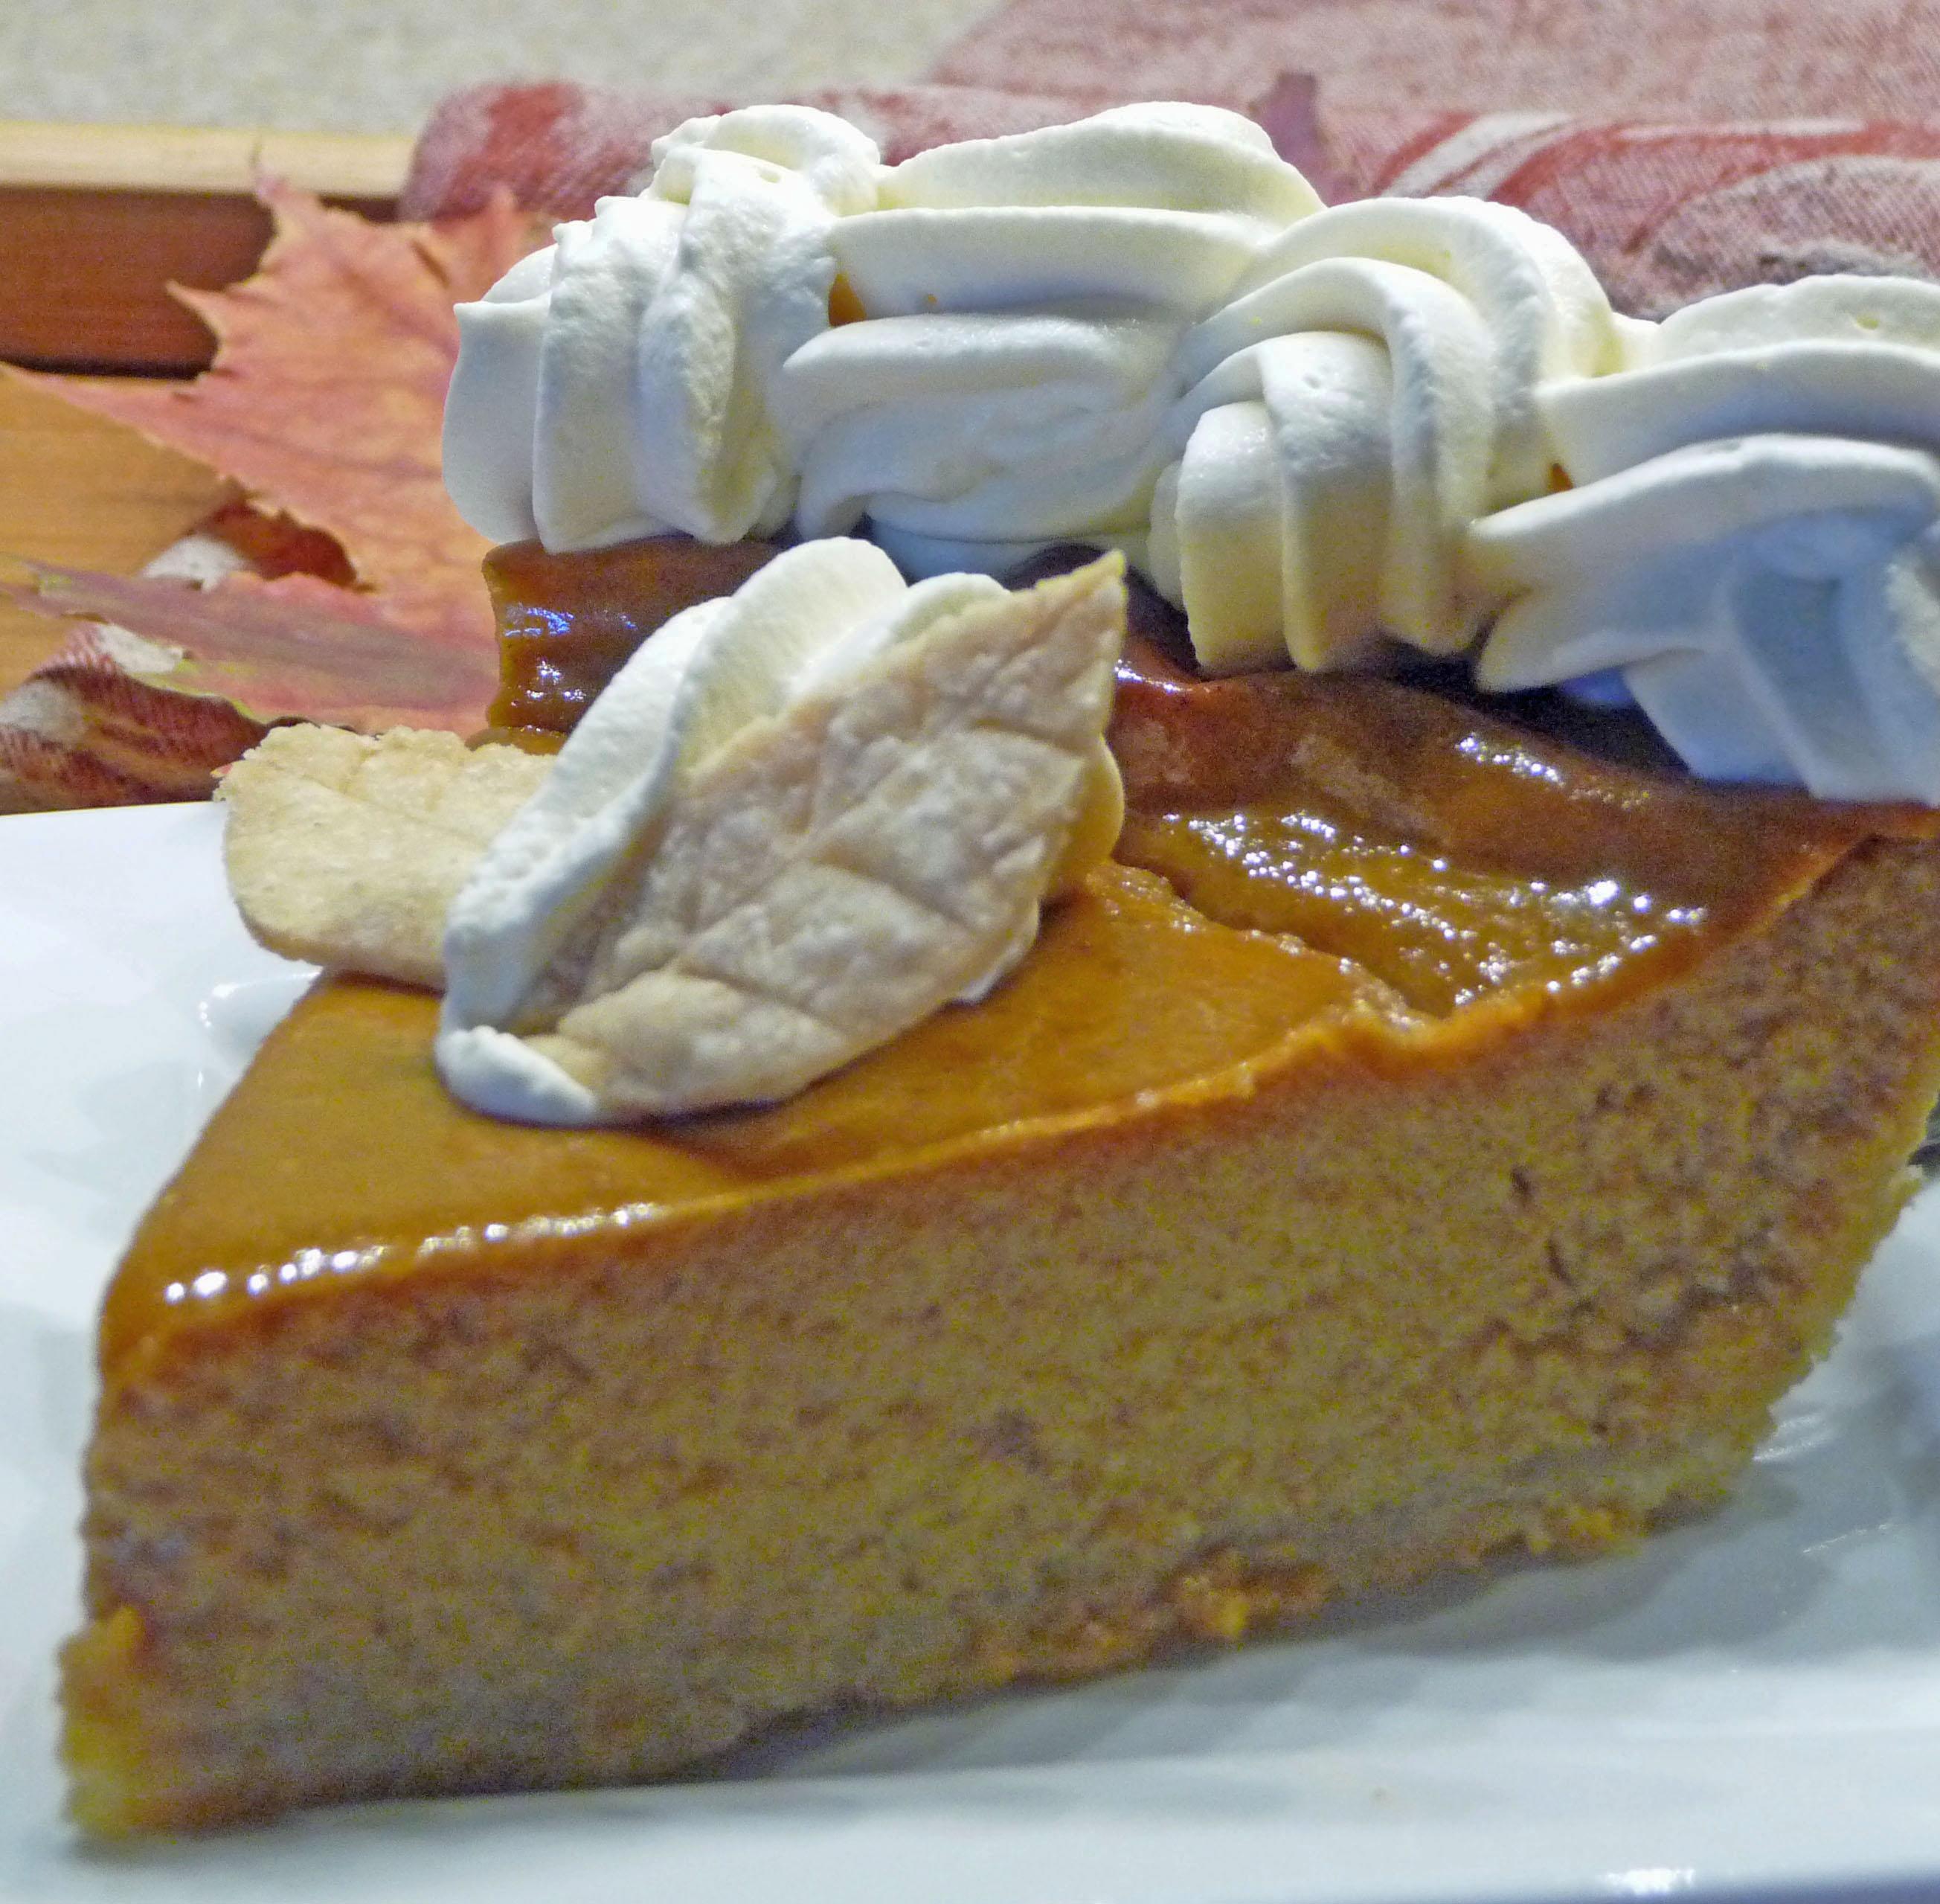 A Slice of Maple-Pumpkin Pie (c) jfhaugen